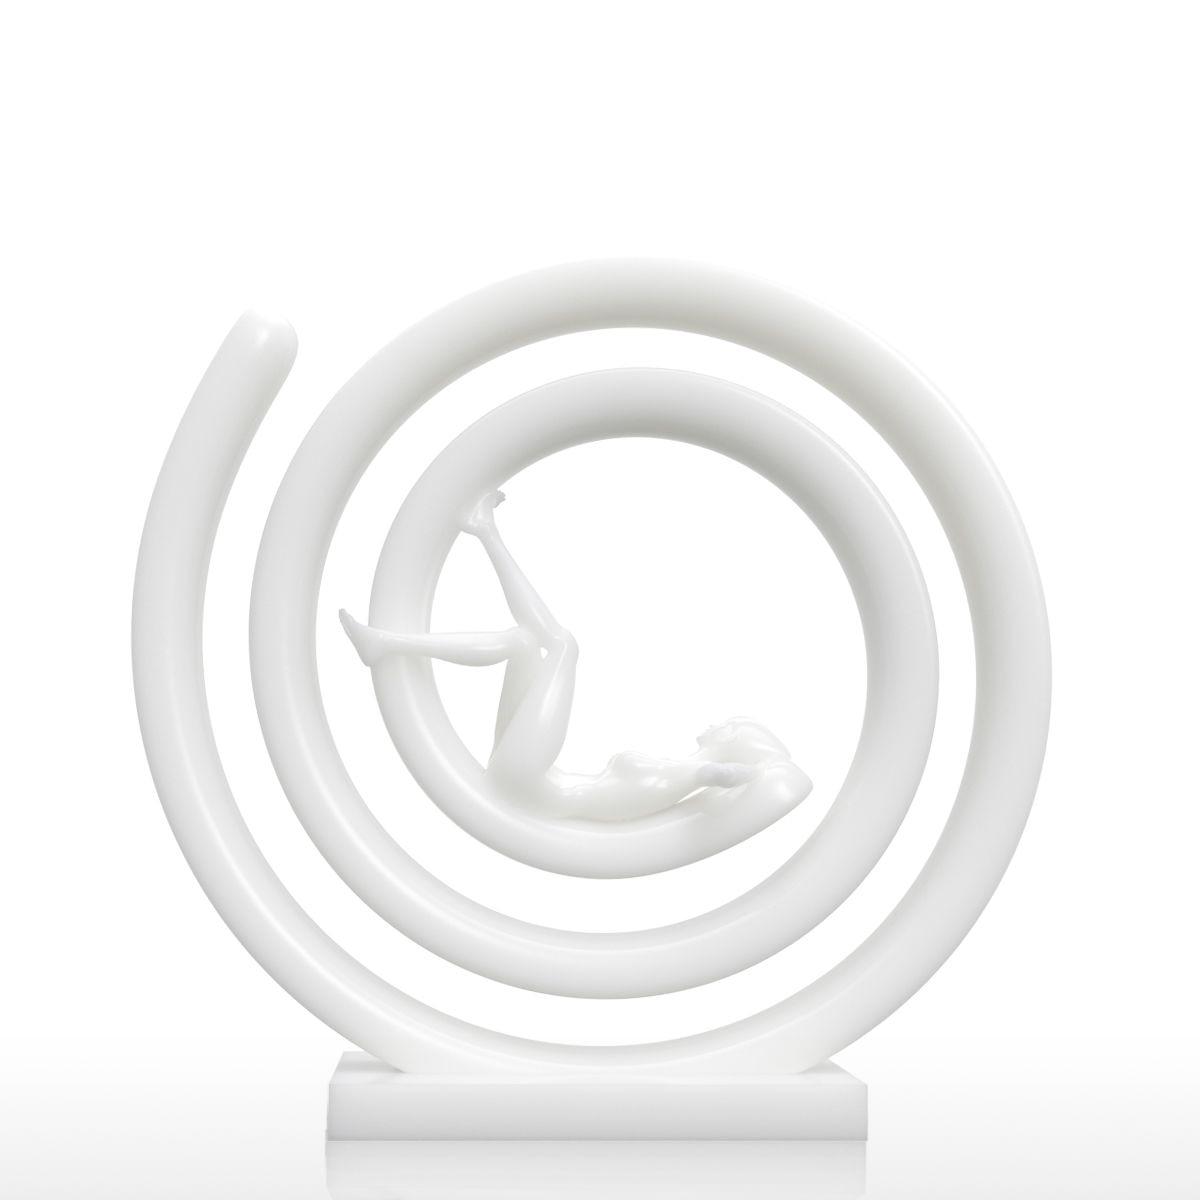 Tooarts Tomfeel 3D Дизайн человеческого тела женщина фигурка 3D печатных фигурка современные Craft подарок для украшения дома